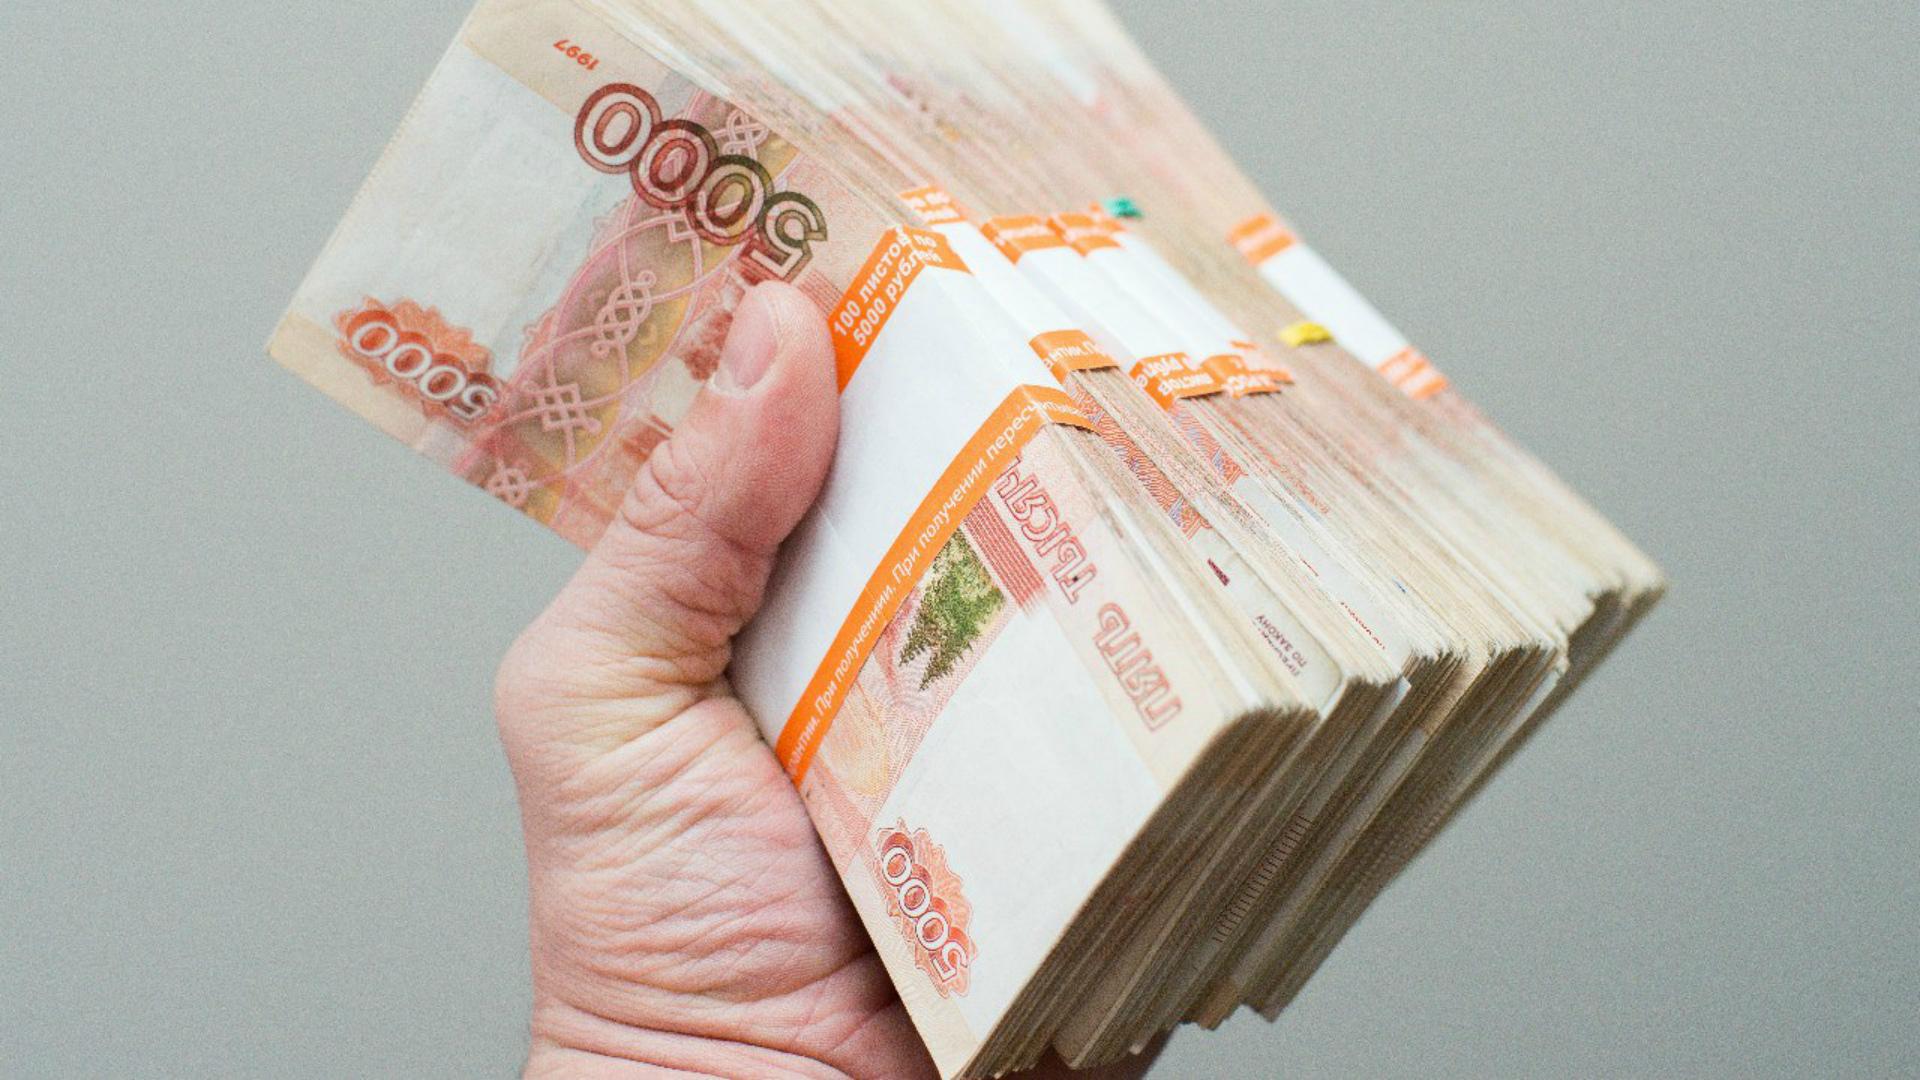 zajmy-do-100000-rublej-na-kartu_6